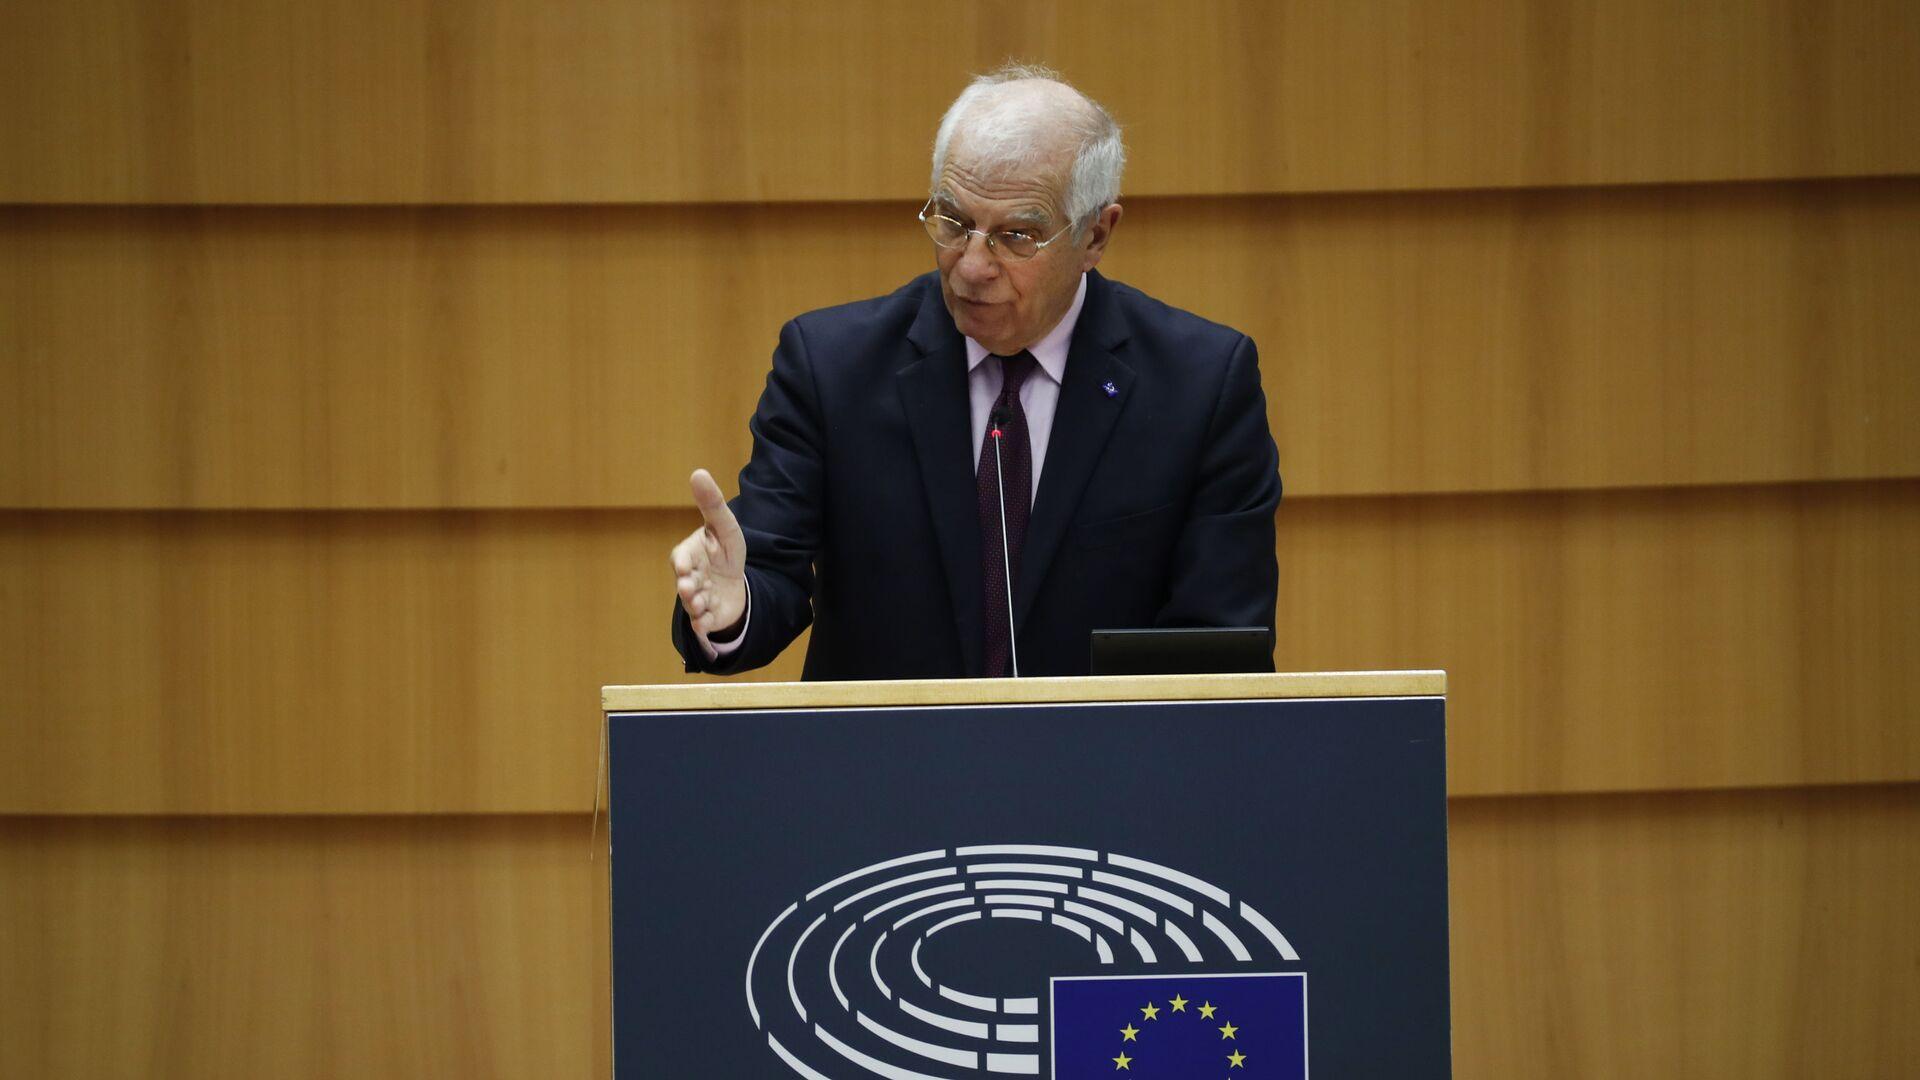 Wysoki Przedstawiciel UE ds. Polityki Zagranicznej i Bezpieczeństwa Josep Borrell przemawia w Parlamencie Europejskim - Sputnik Polska, 1920, 30.03.2021